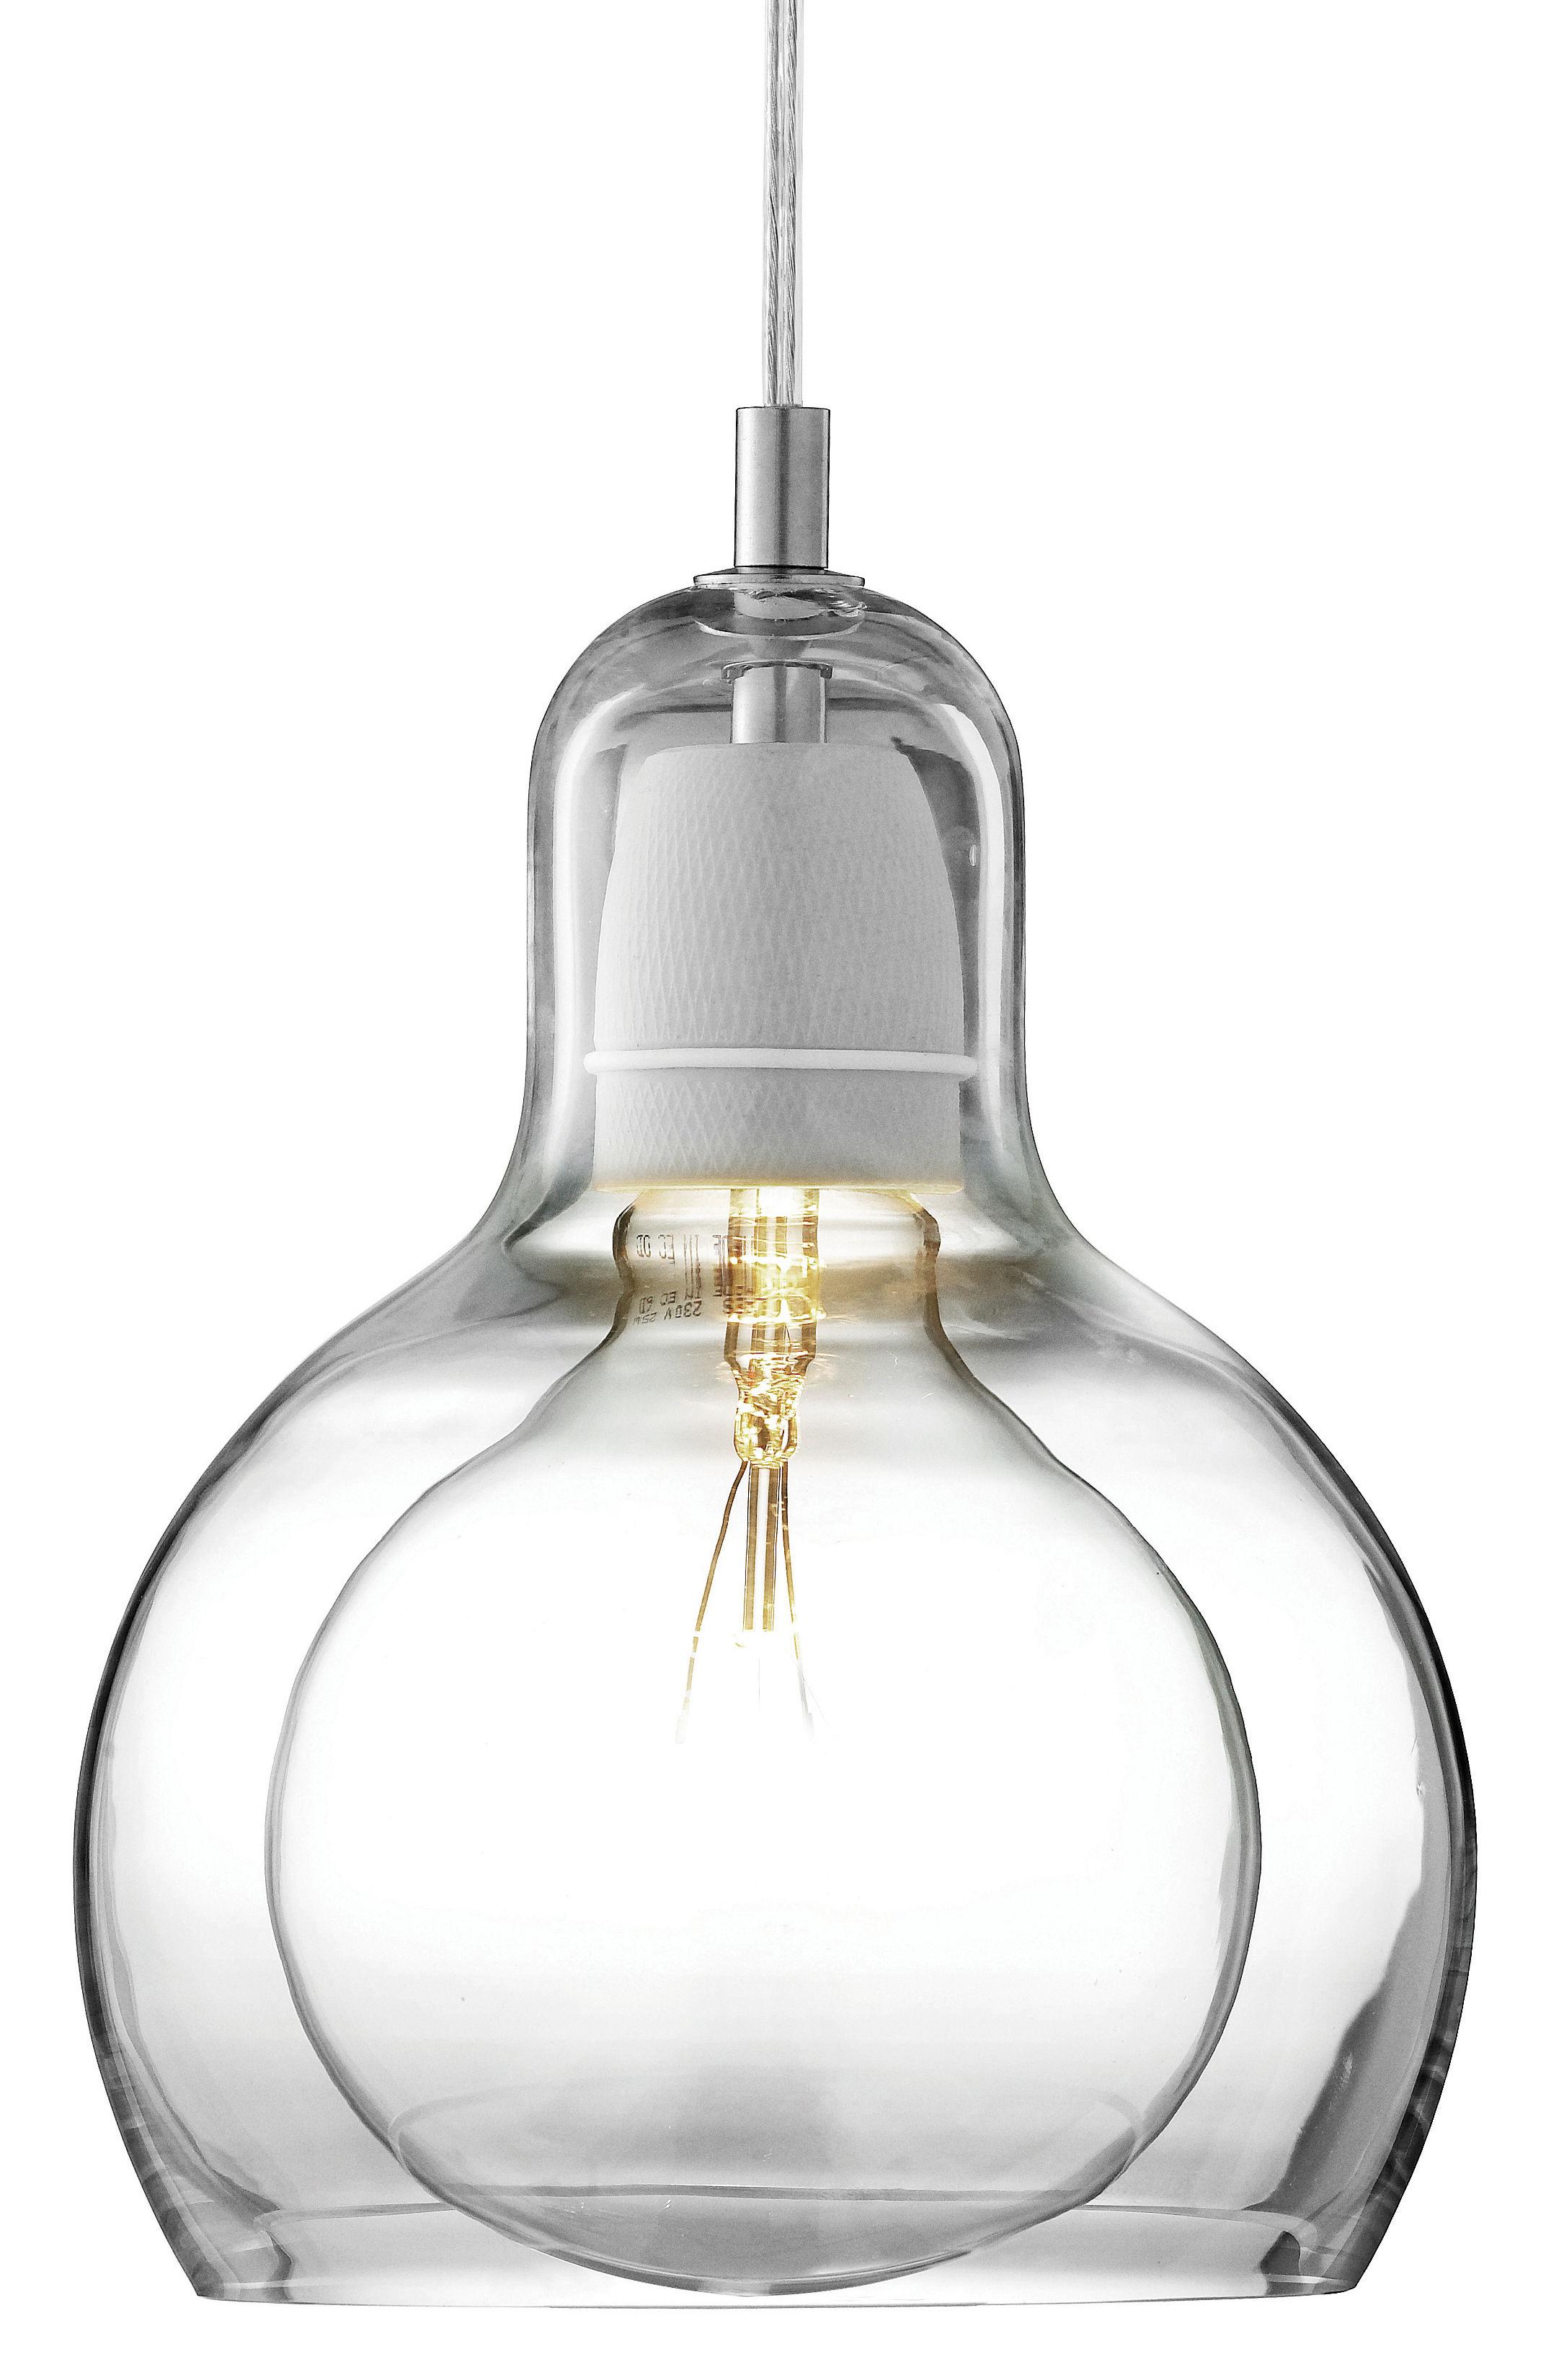 Leuchten - Pendelleuchten - Mega Bulb Pendelleuchte Ø 18 cm - Kabel transparent - &tradition - Transparent / Kabel transparent - mundgeblasenes Glas